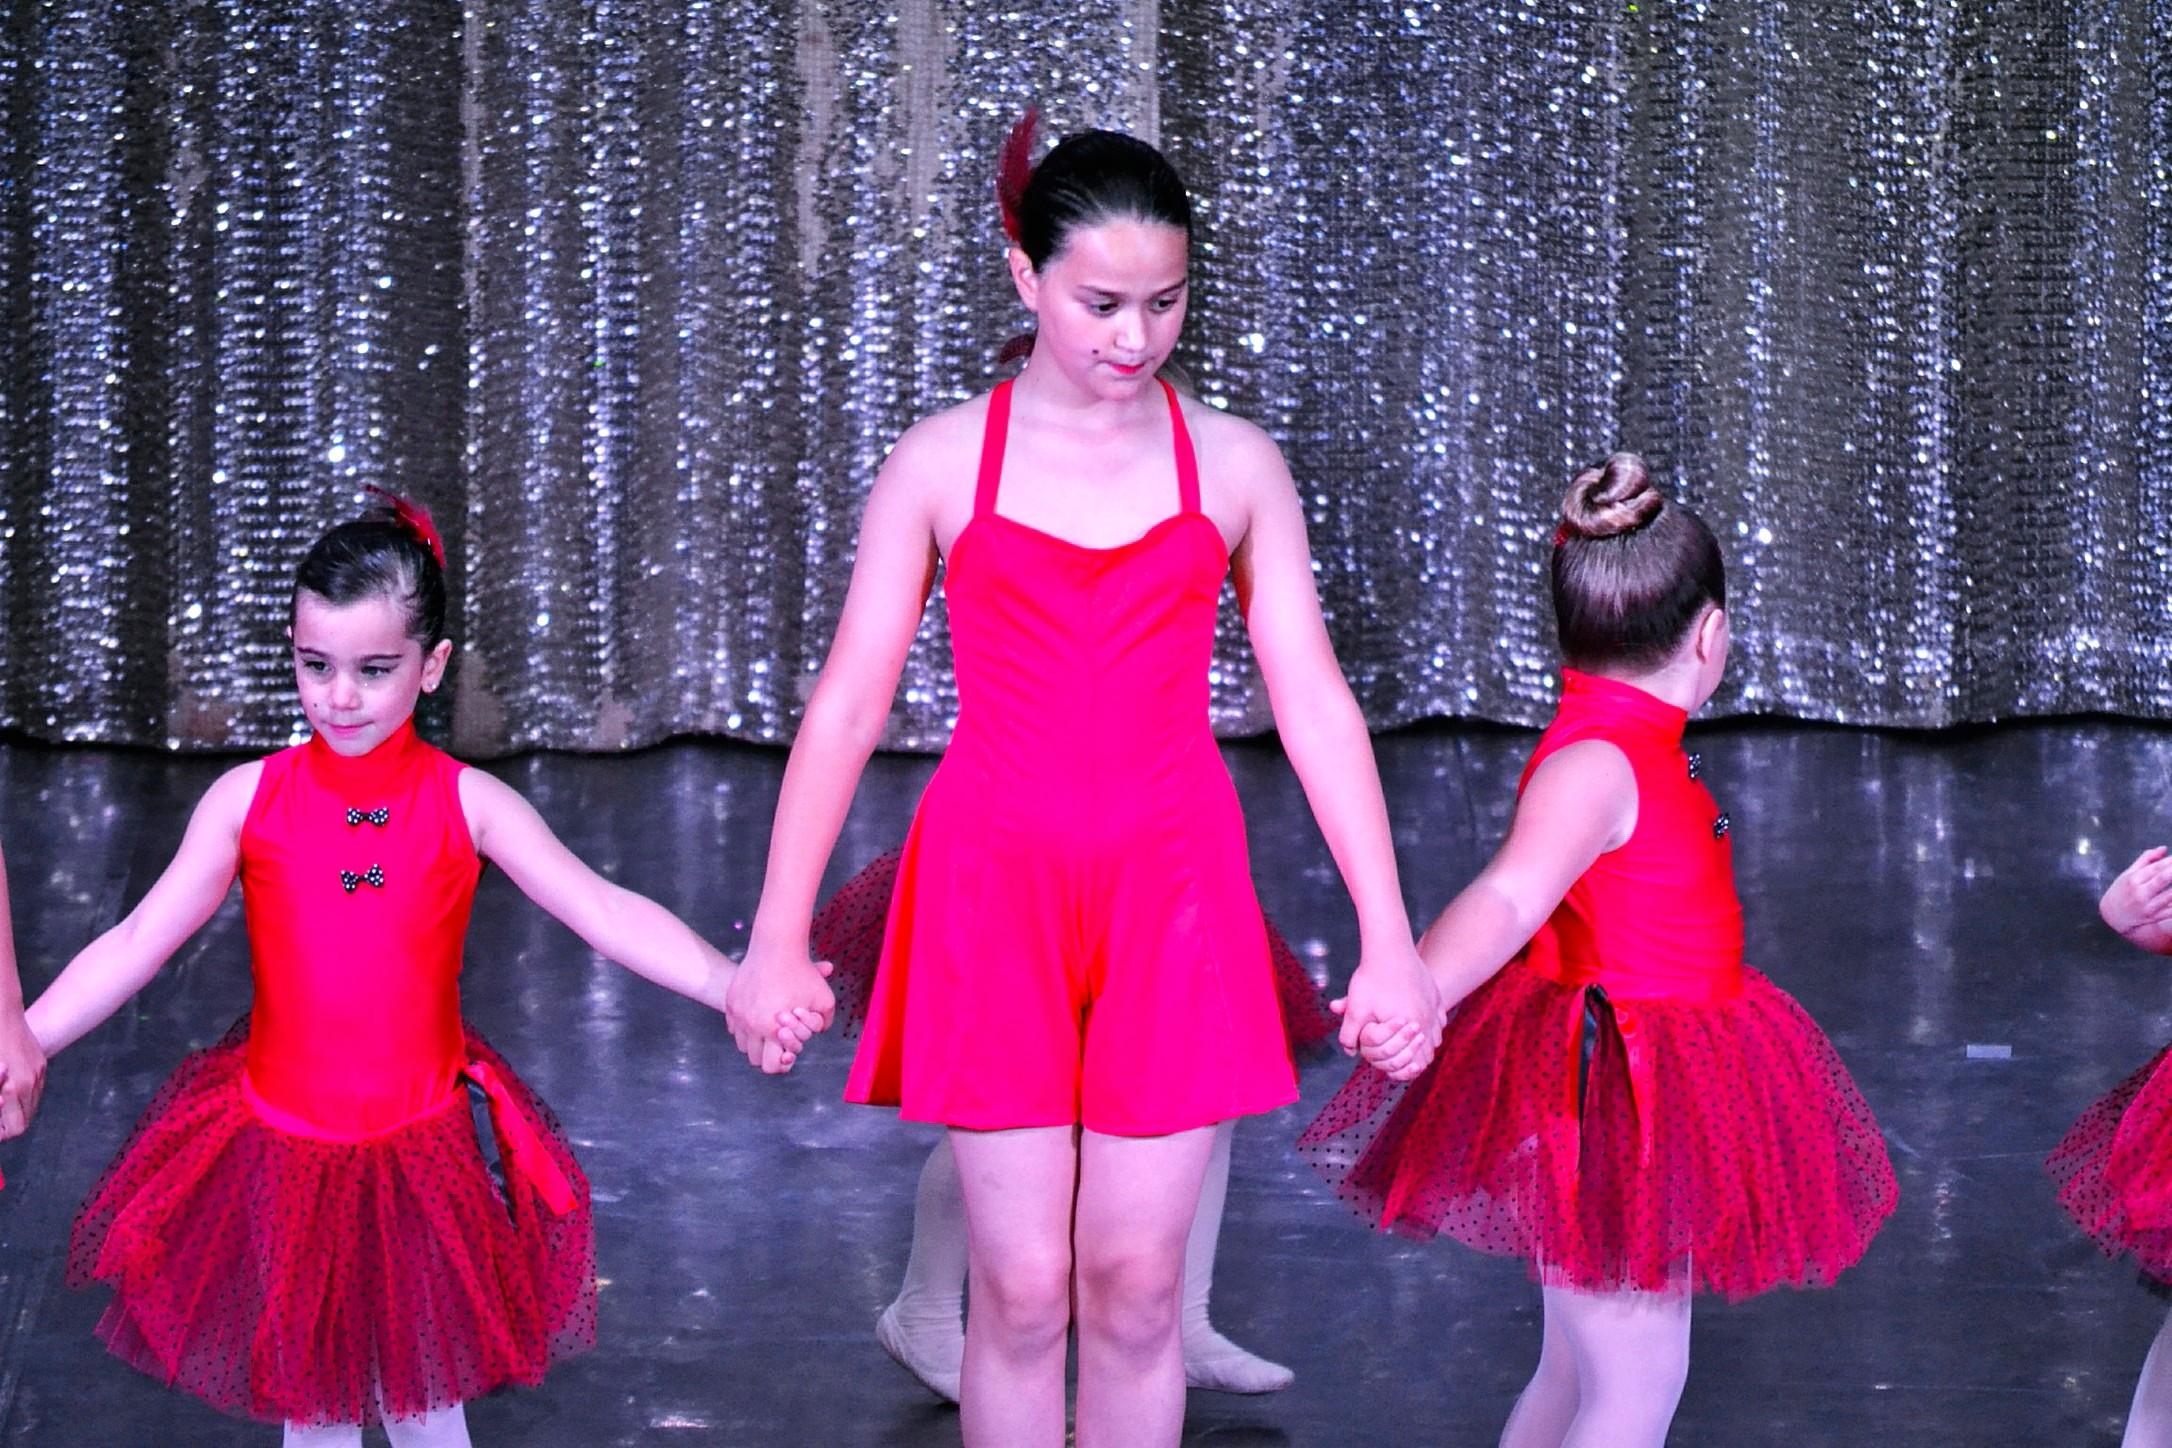 Linea-de-Baile-festival-verano-2015-clases-de-baile-valencia-81